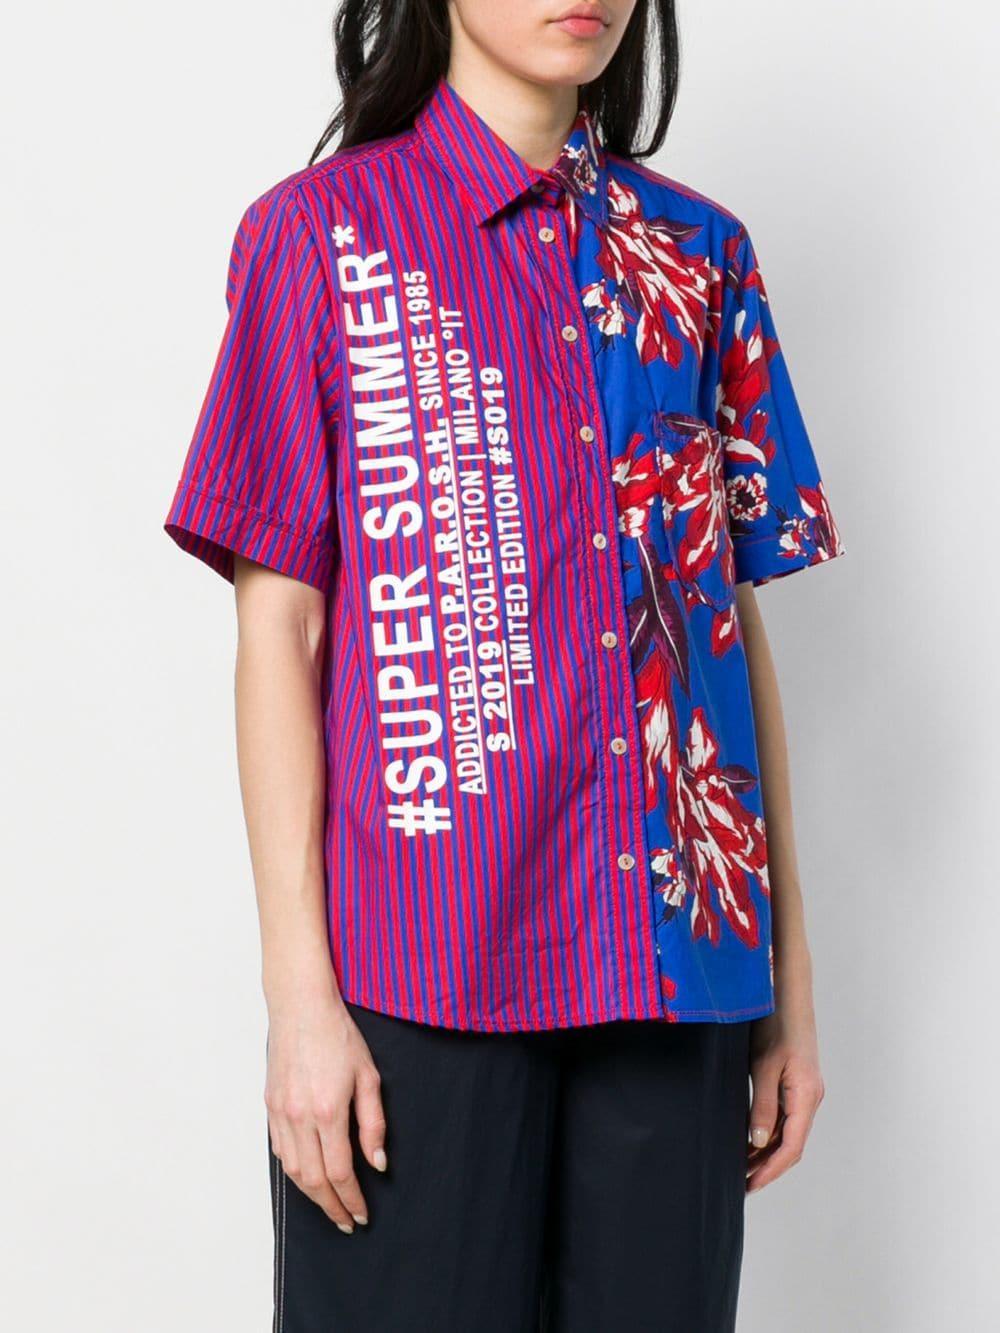 Camisa de manga corta con diseño colour block P.A.R.O.S.H. de Algodón de color Azul